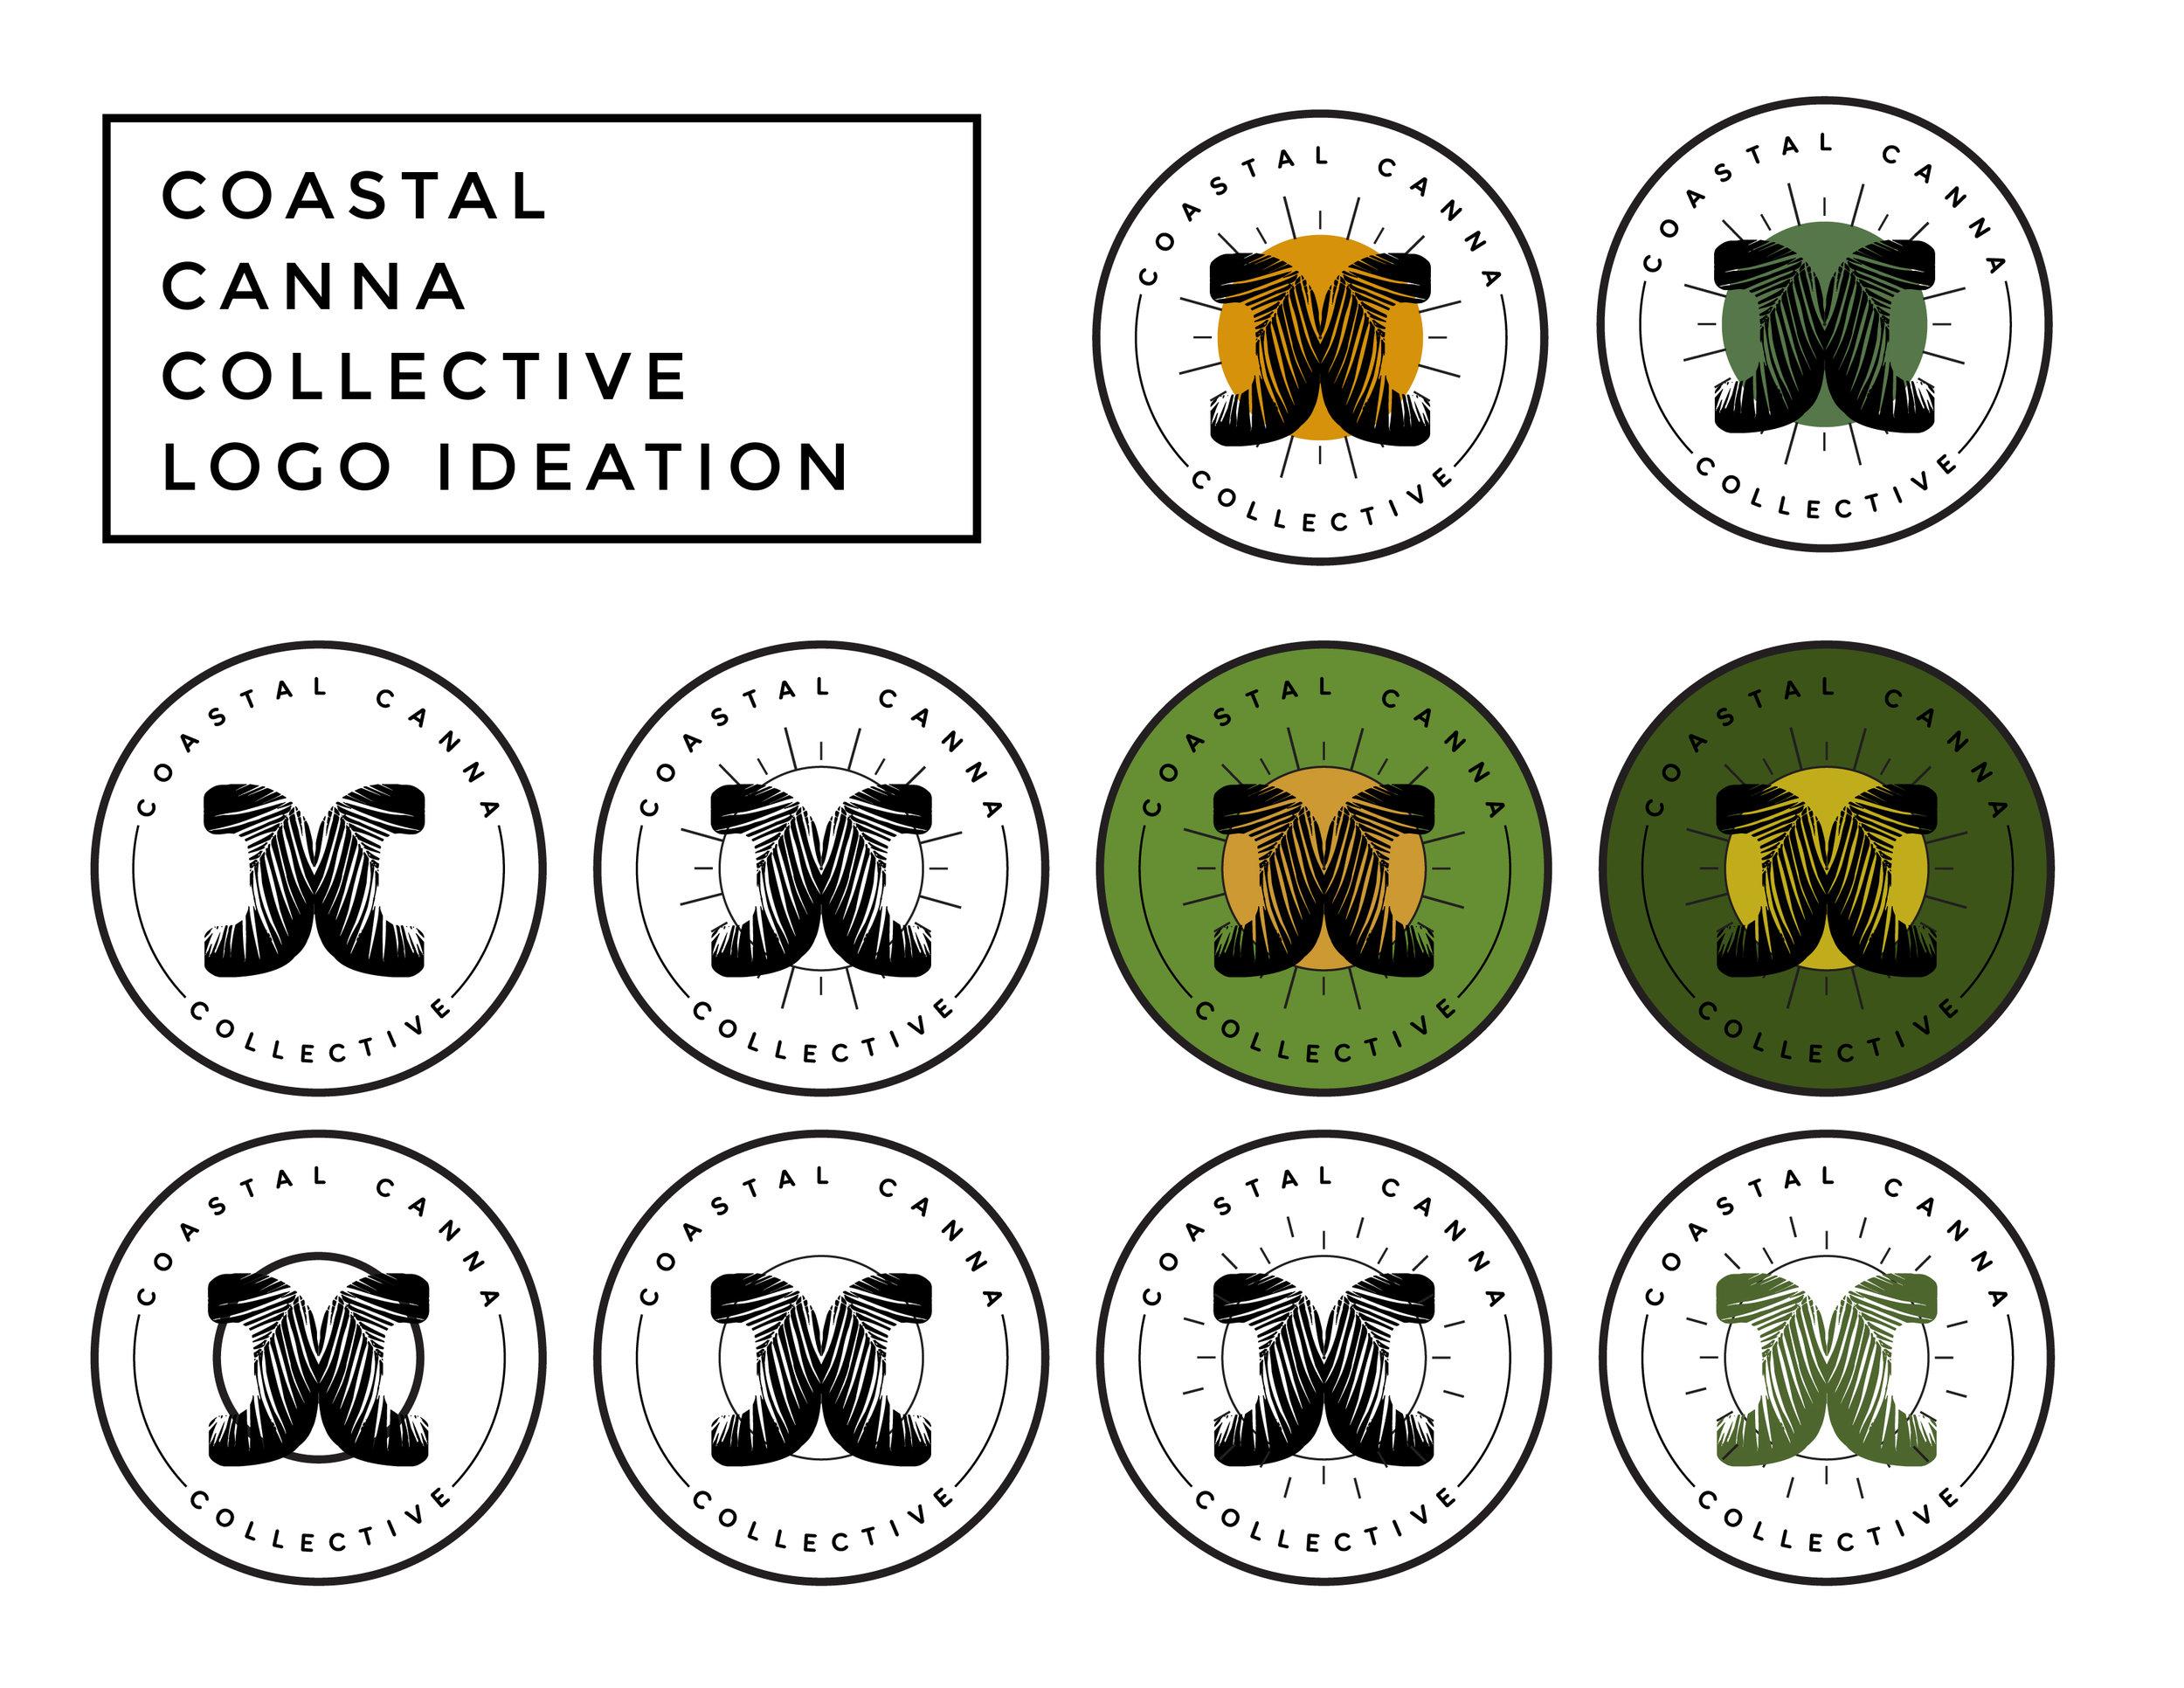 ACC-CoastalCannaCollective-LogoIdeas.jpg